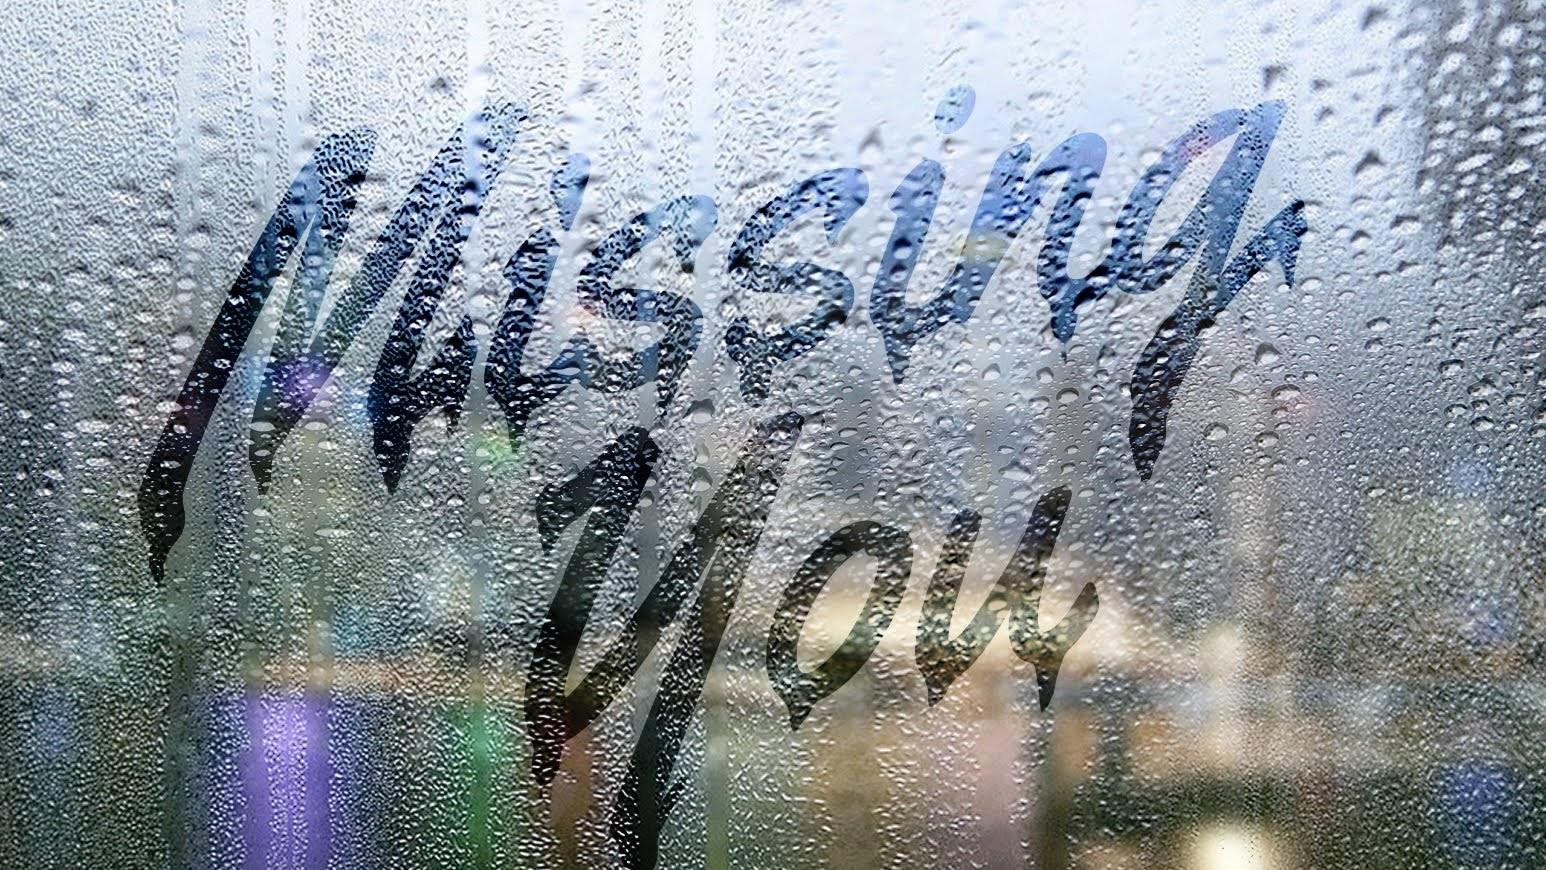 水滴のついた窓ガラスに文字を描く方法